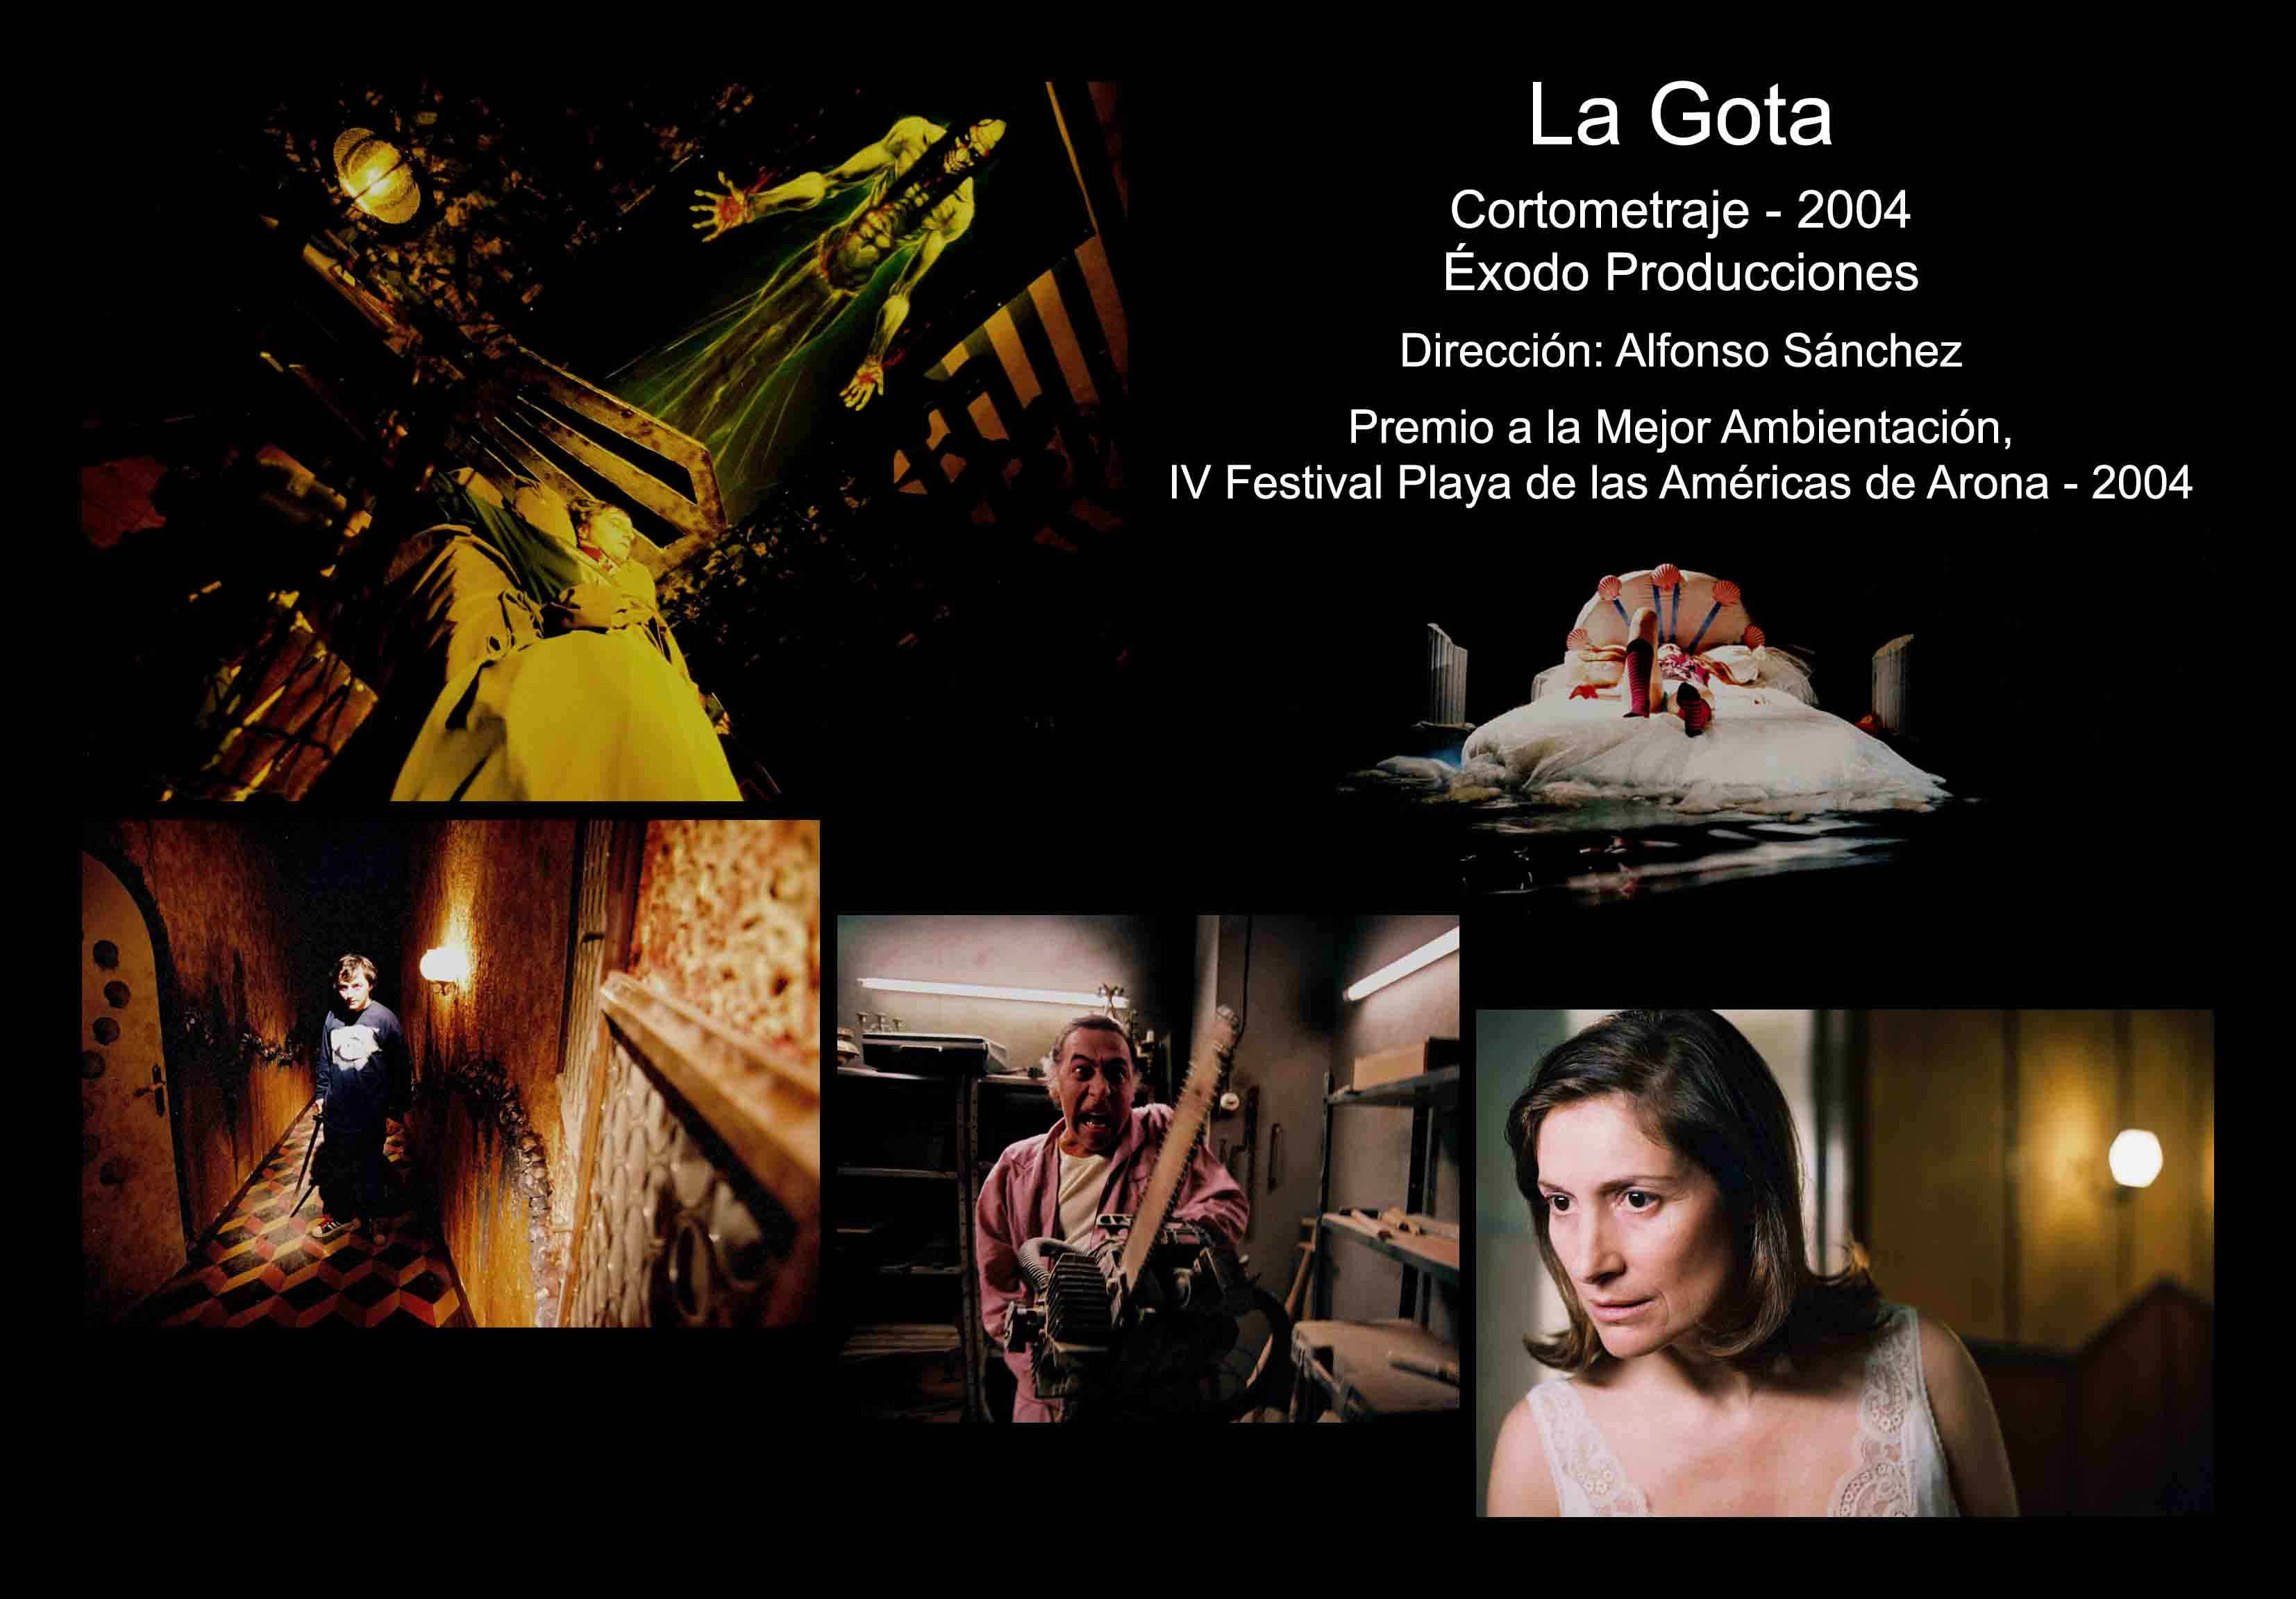 David Temprano c2004 La Gota 1